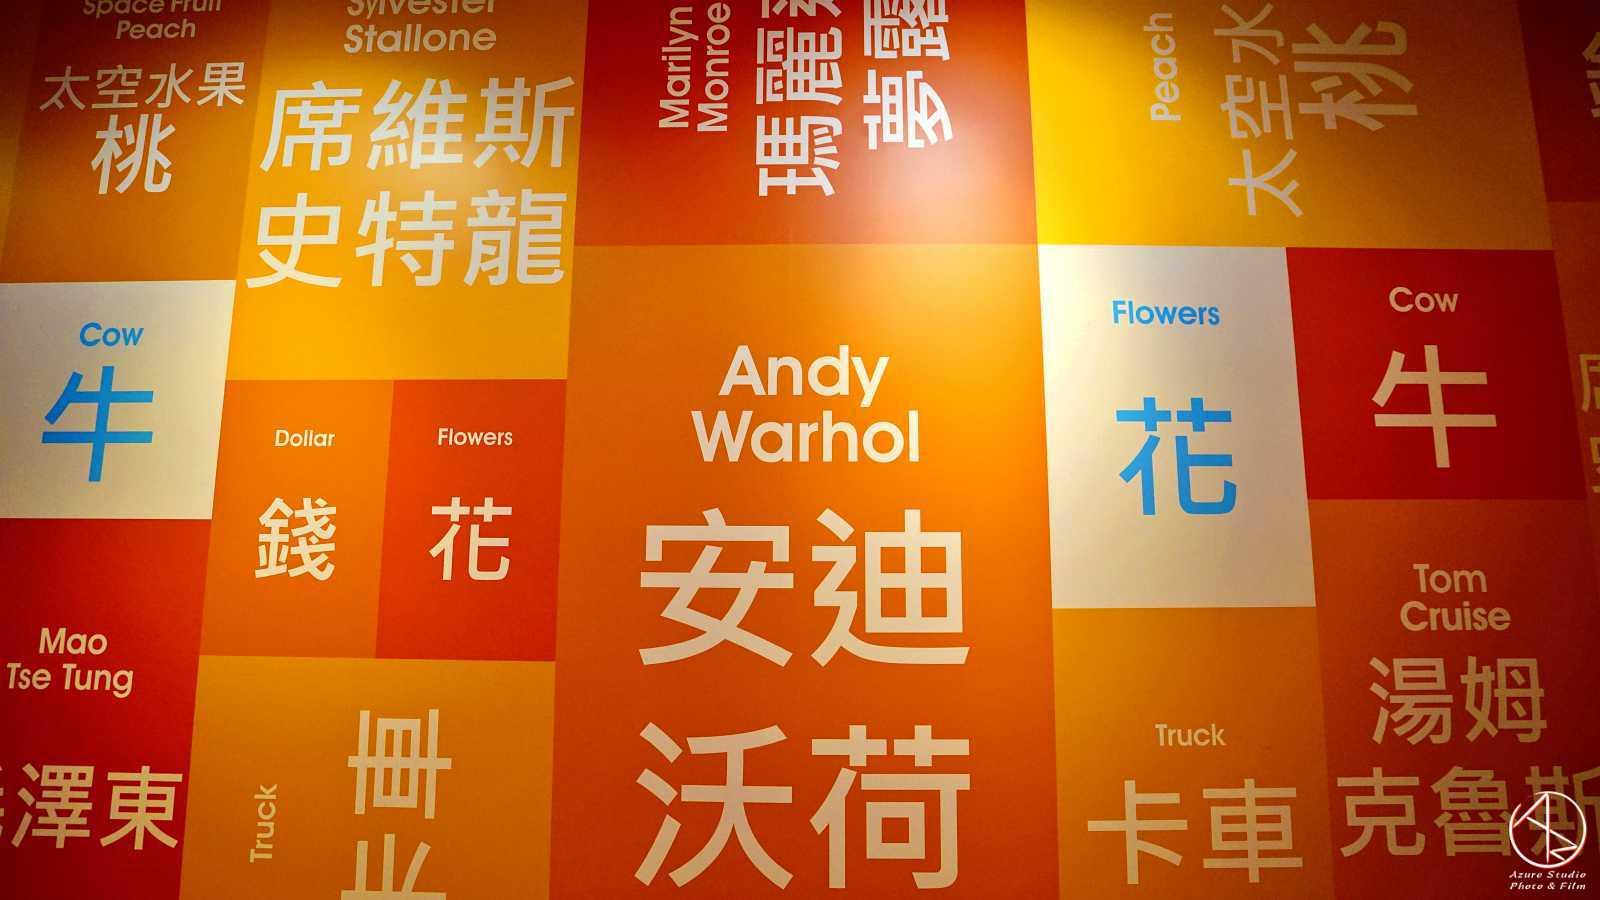 安迪沃荷普普狂想特展,看展心得,必看重點,作品集合牆